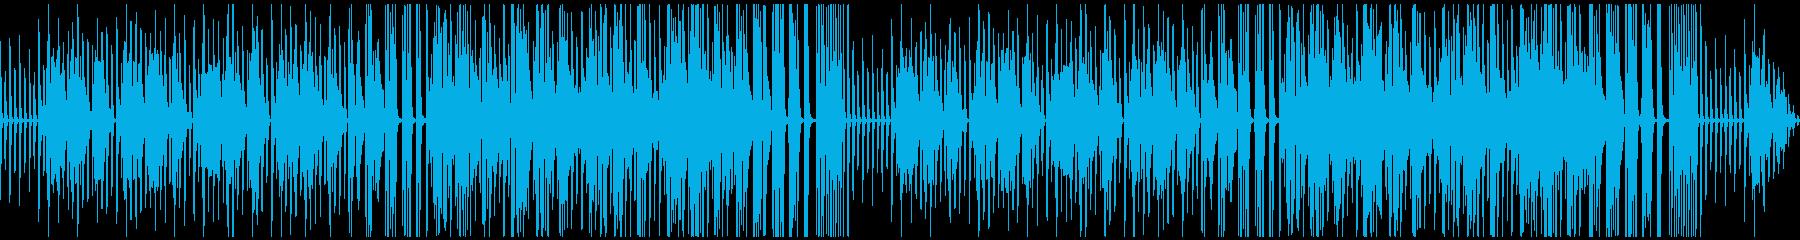 トークなどに使えそうな素朴なピアノ曲の再生済みの波形